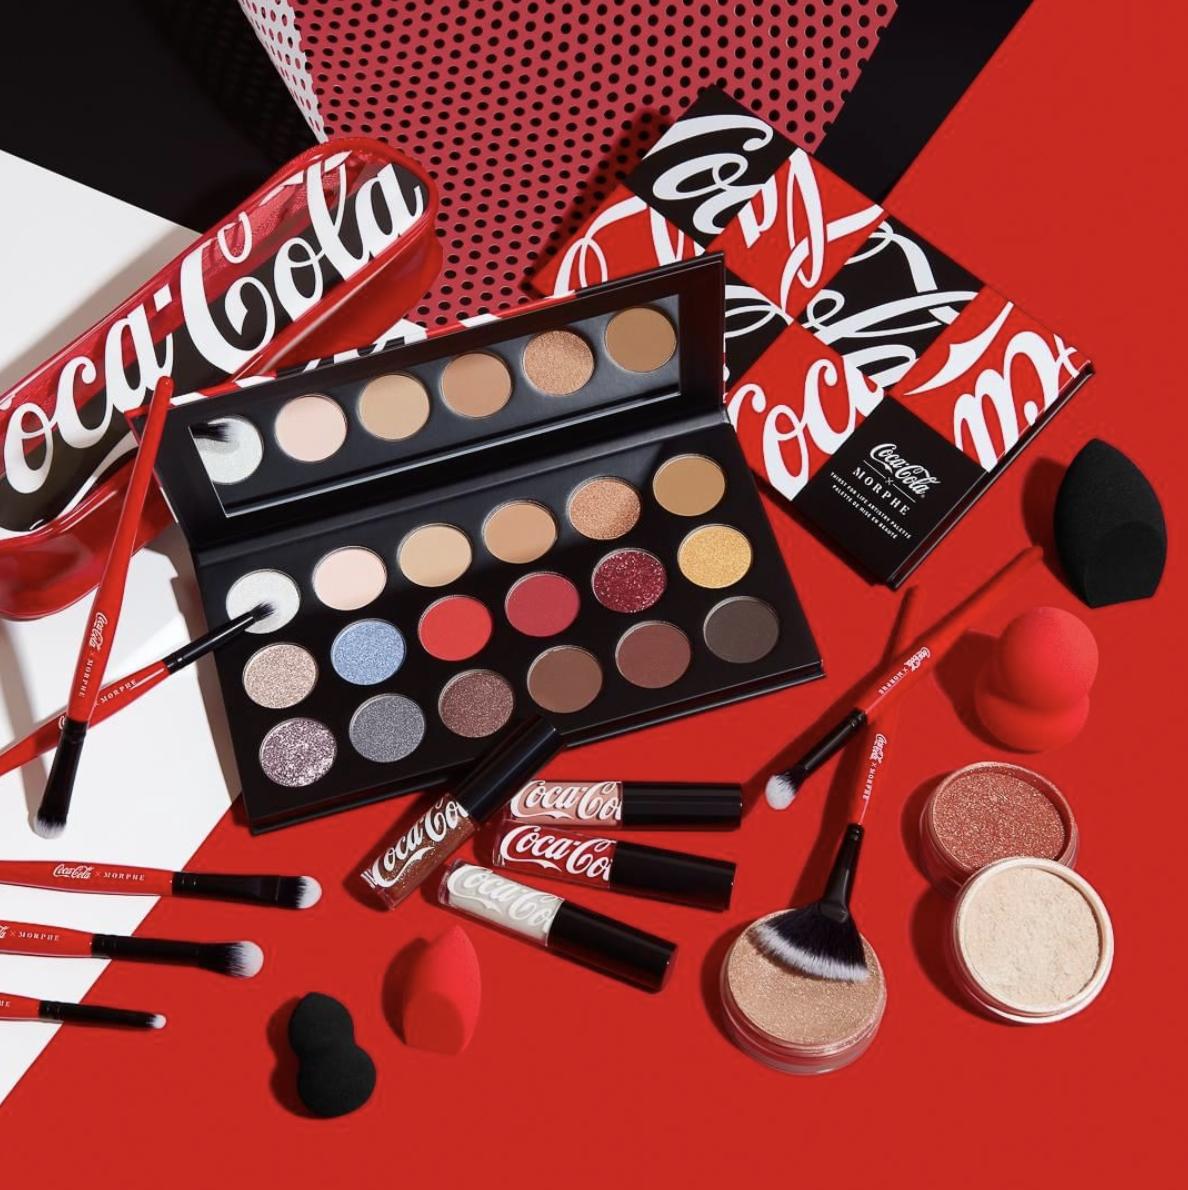 Coca Cola Made A Makeup Collection